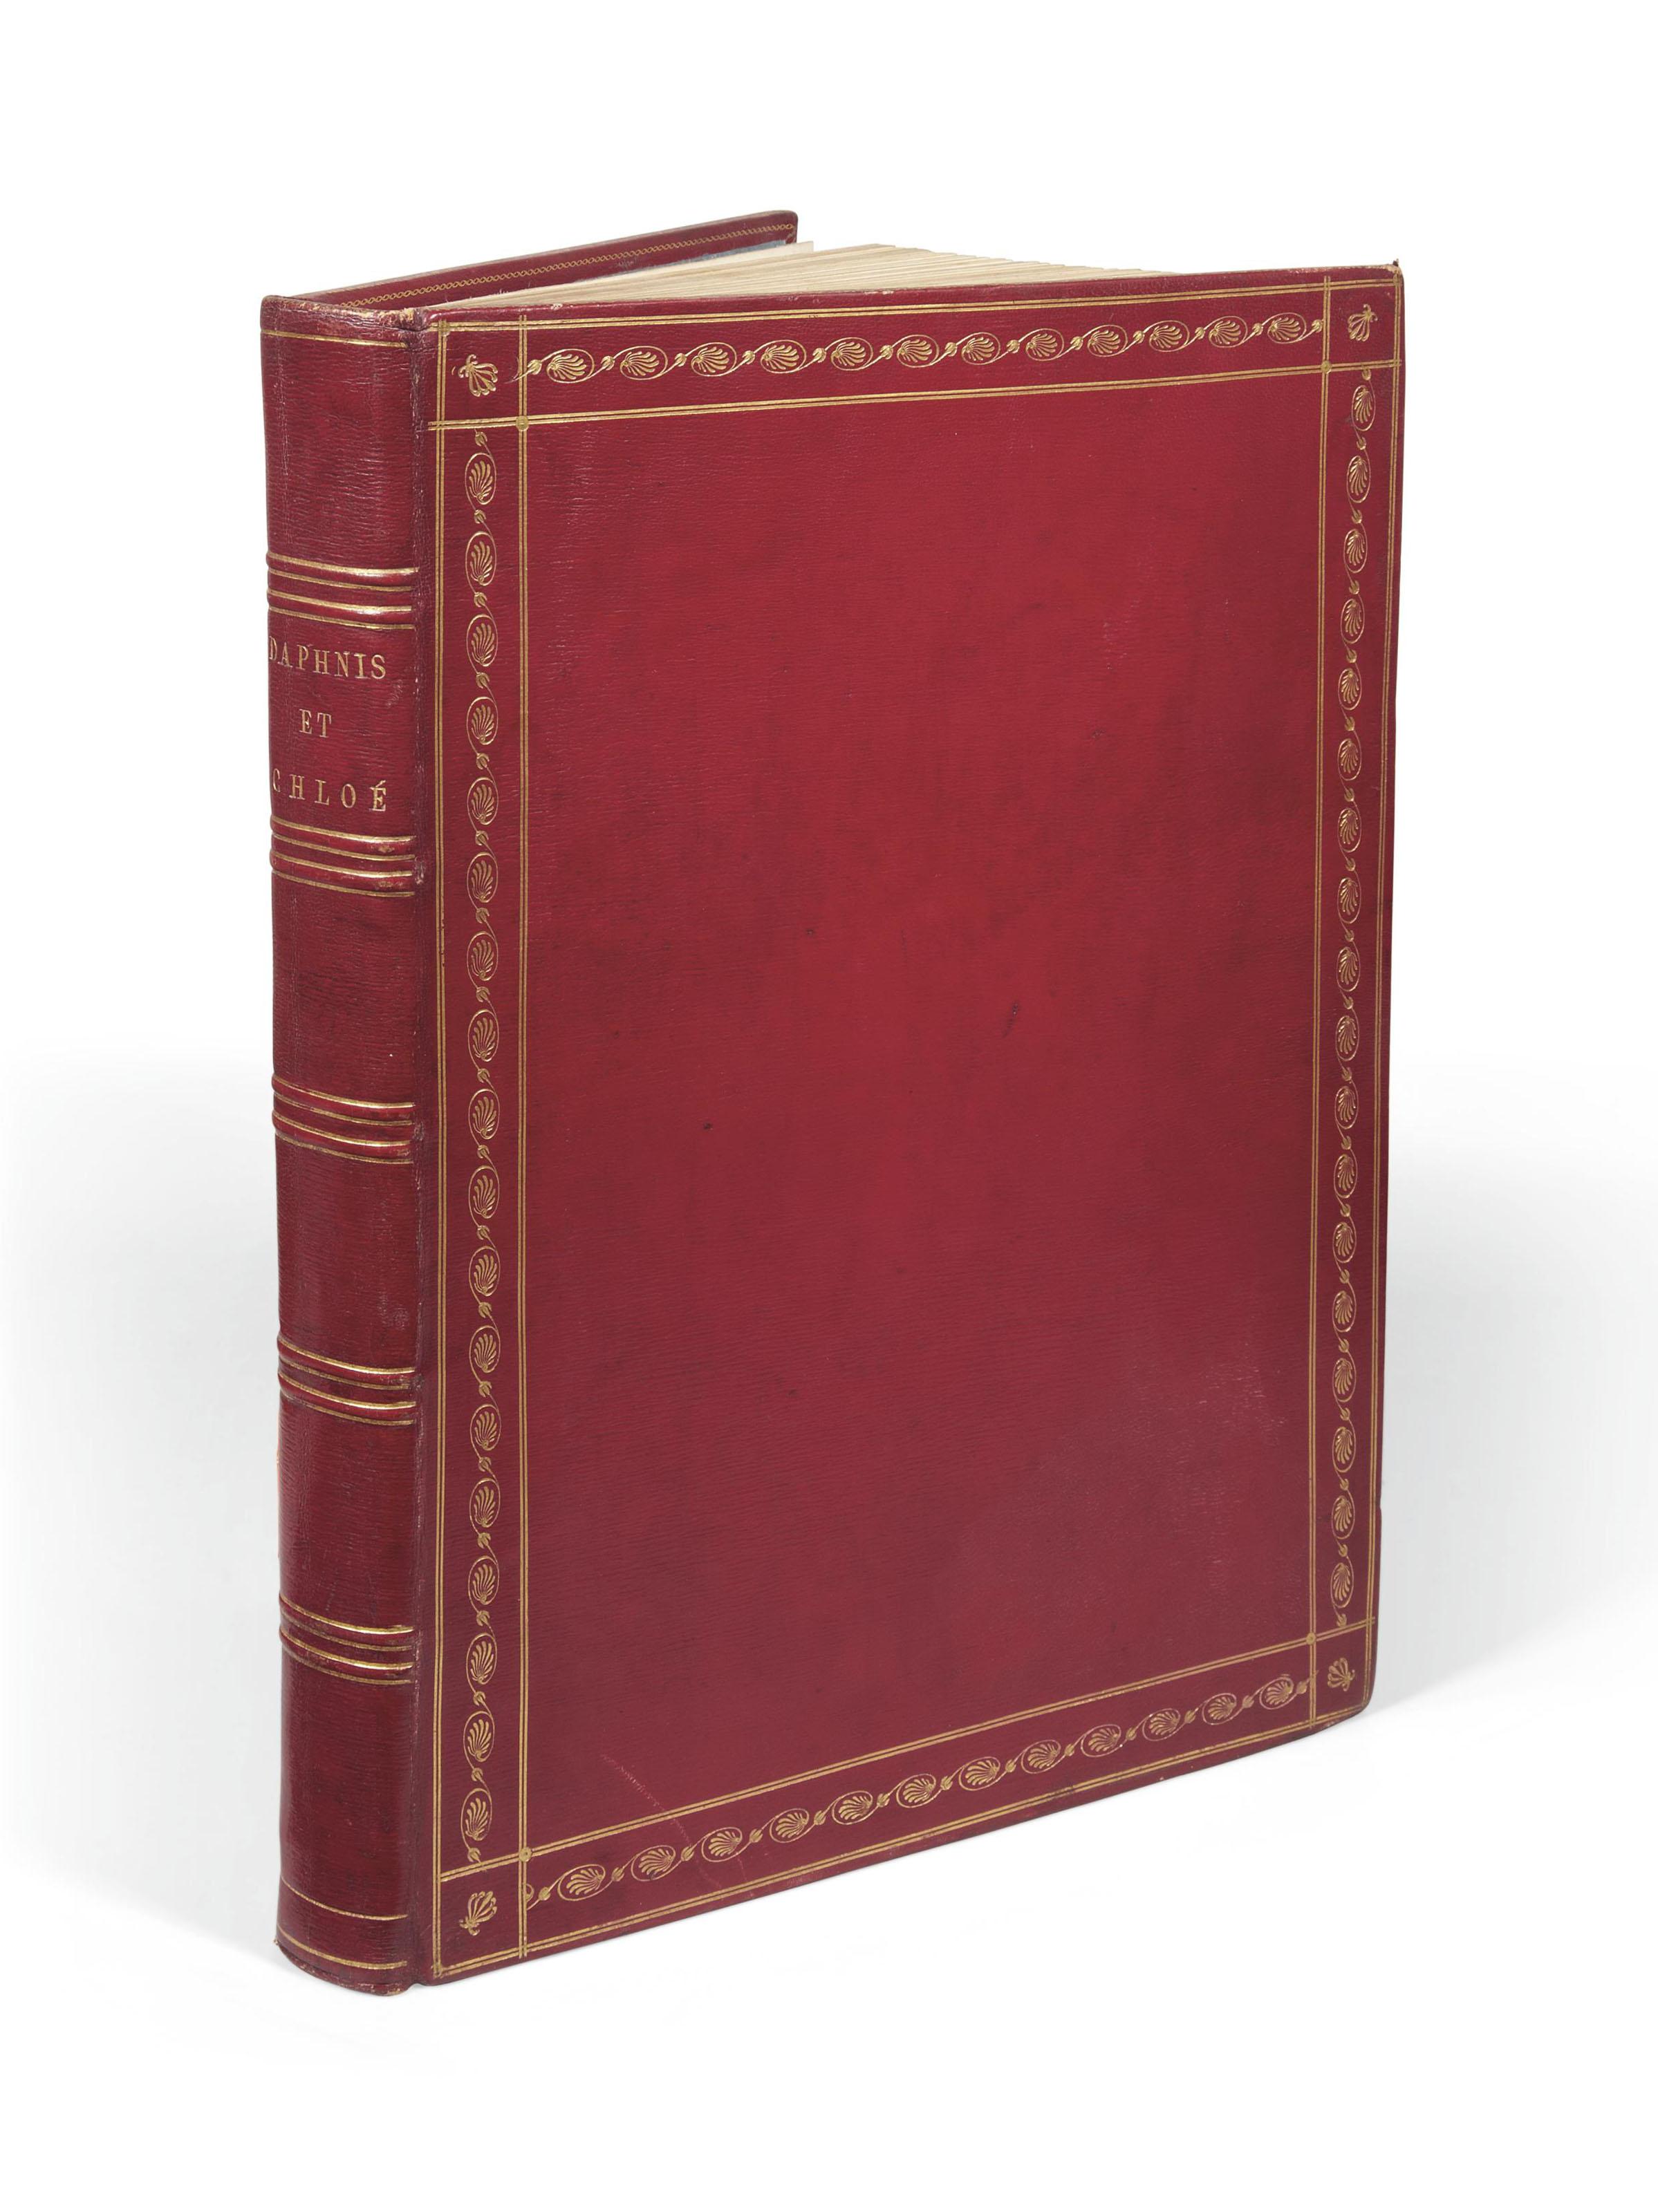 LONGUS. Les Amours pastorales de Daphnis et de Chloé, traduits du grec par Amyot. Paris: Didot, an VIII - 1800.